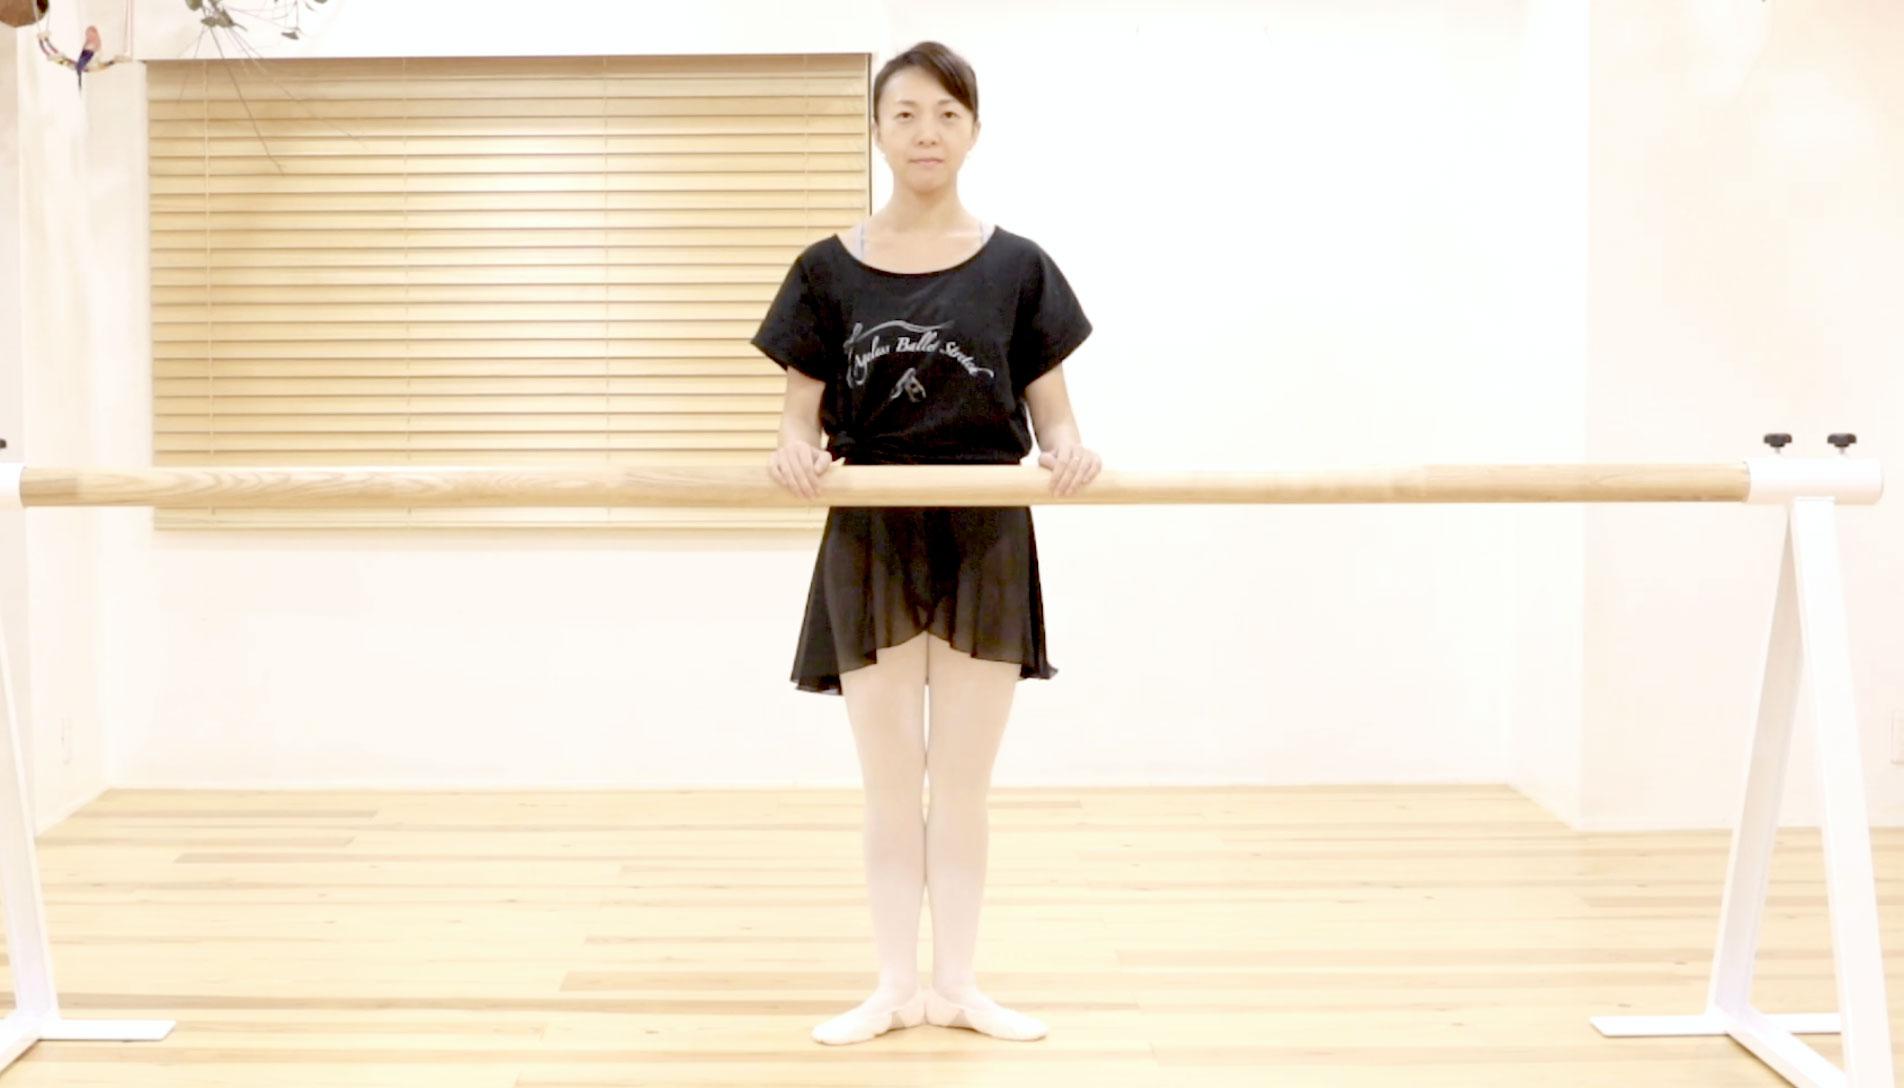 バレエ姿勢